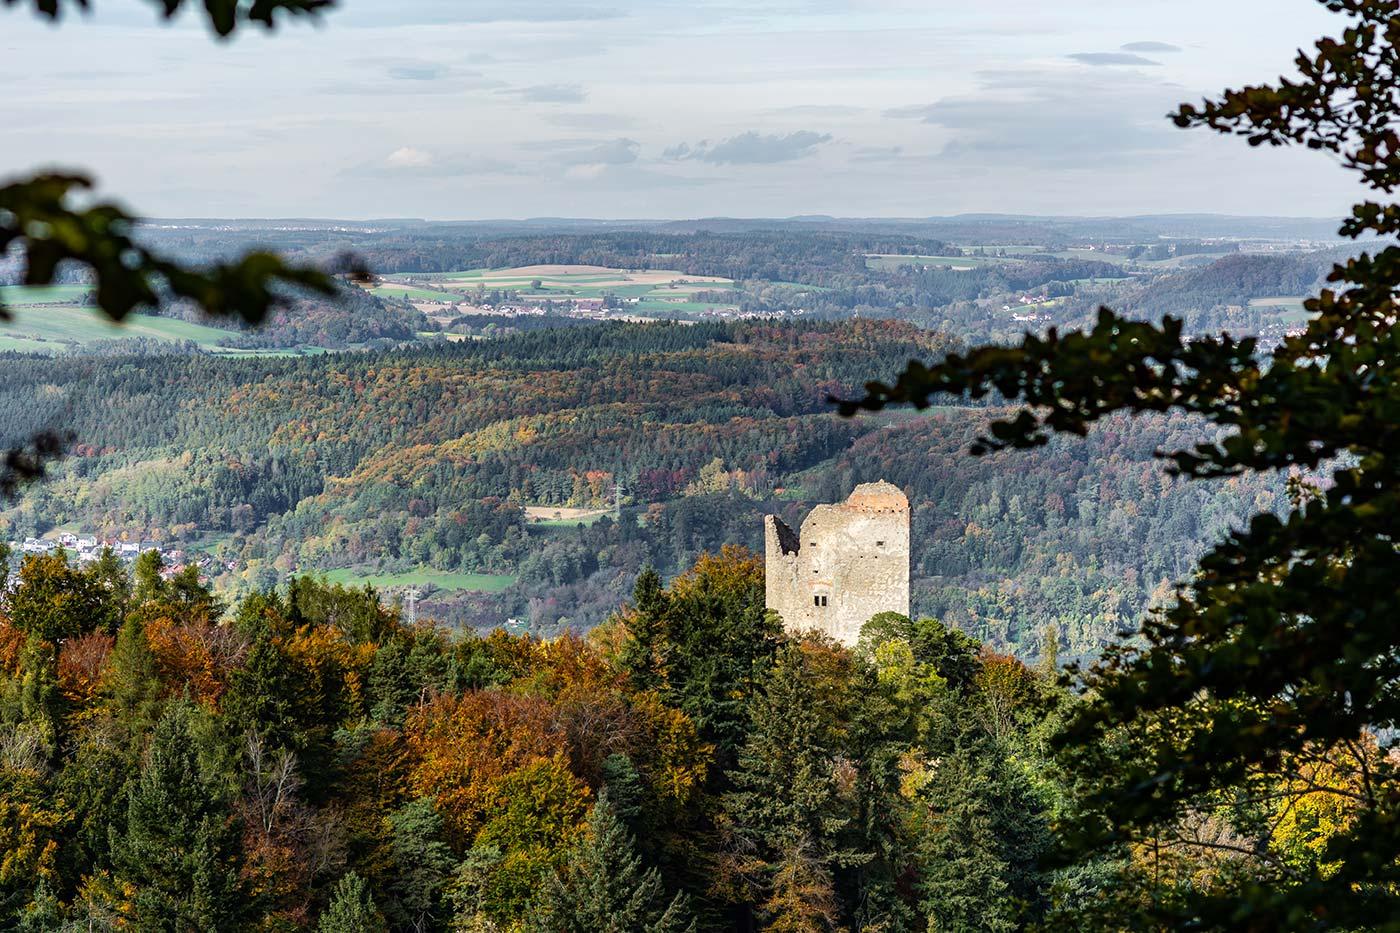 Von der Ruine Altbodmann aus hat man eine gute Aussicht über den Bodensee